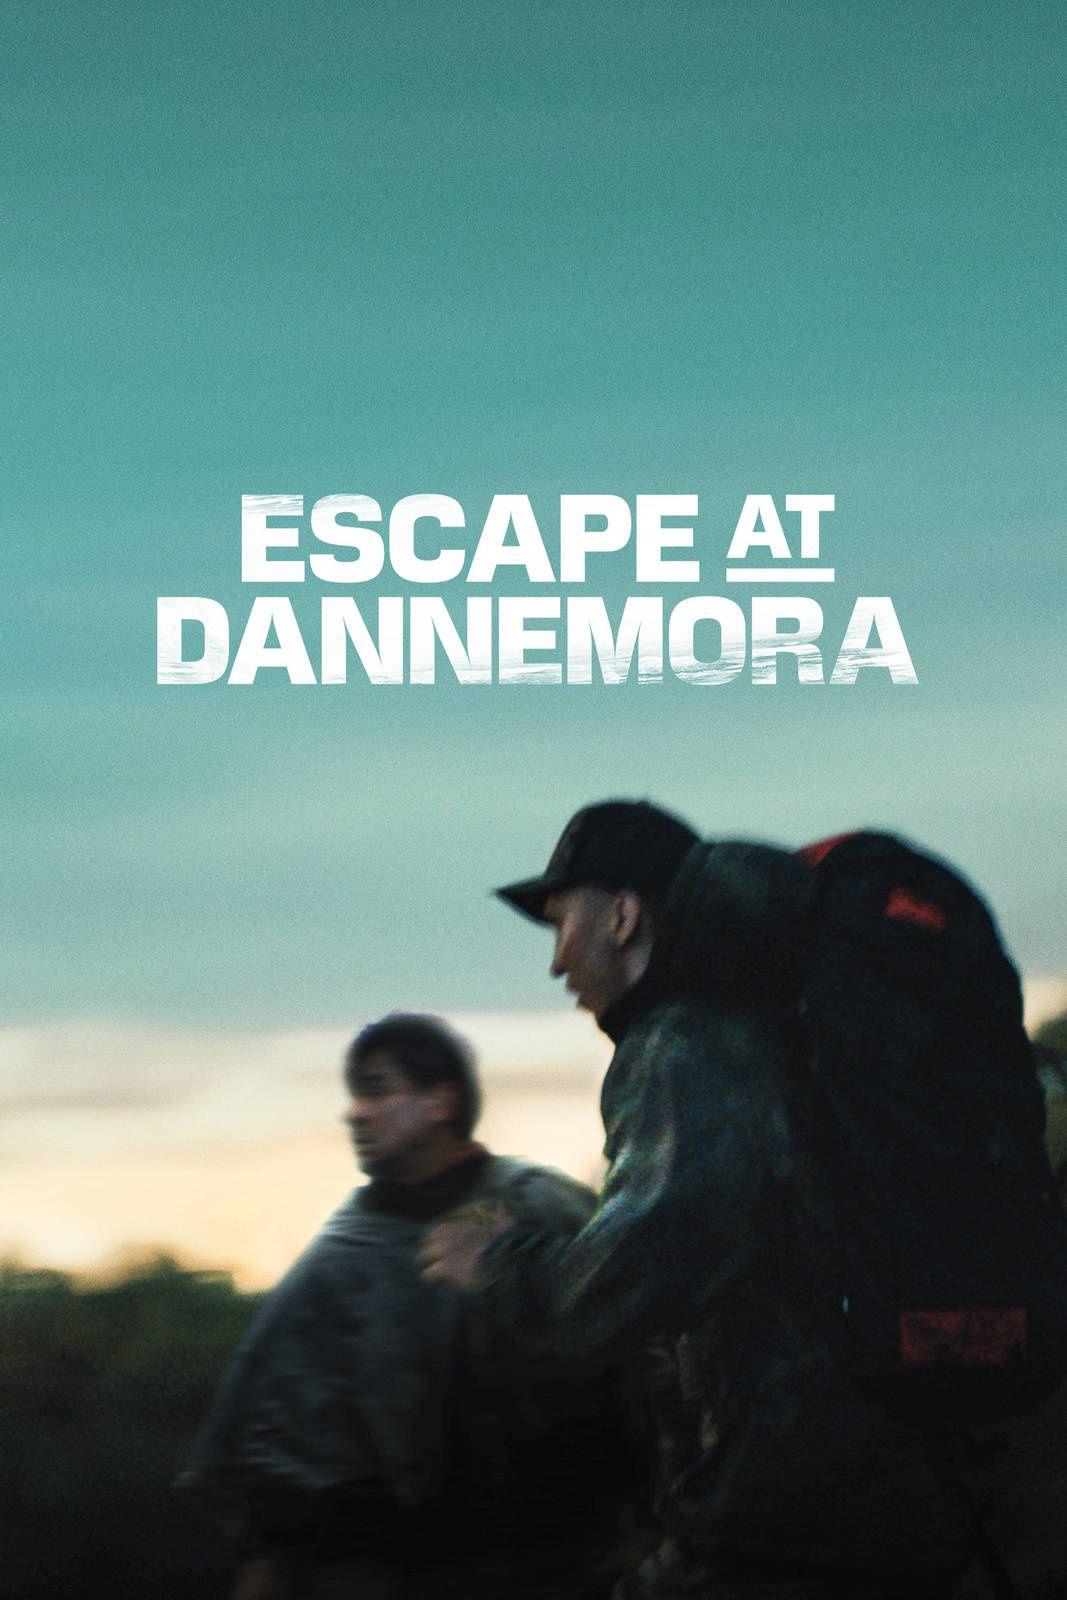 La série Escape at Dannemora en US+24 dès le 19 novembre sur Canal+ Séries.